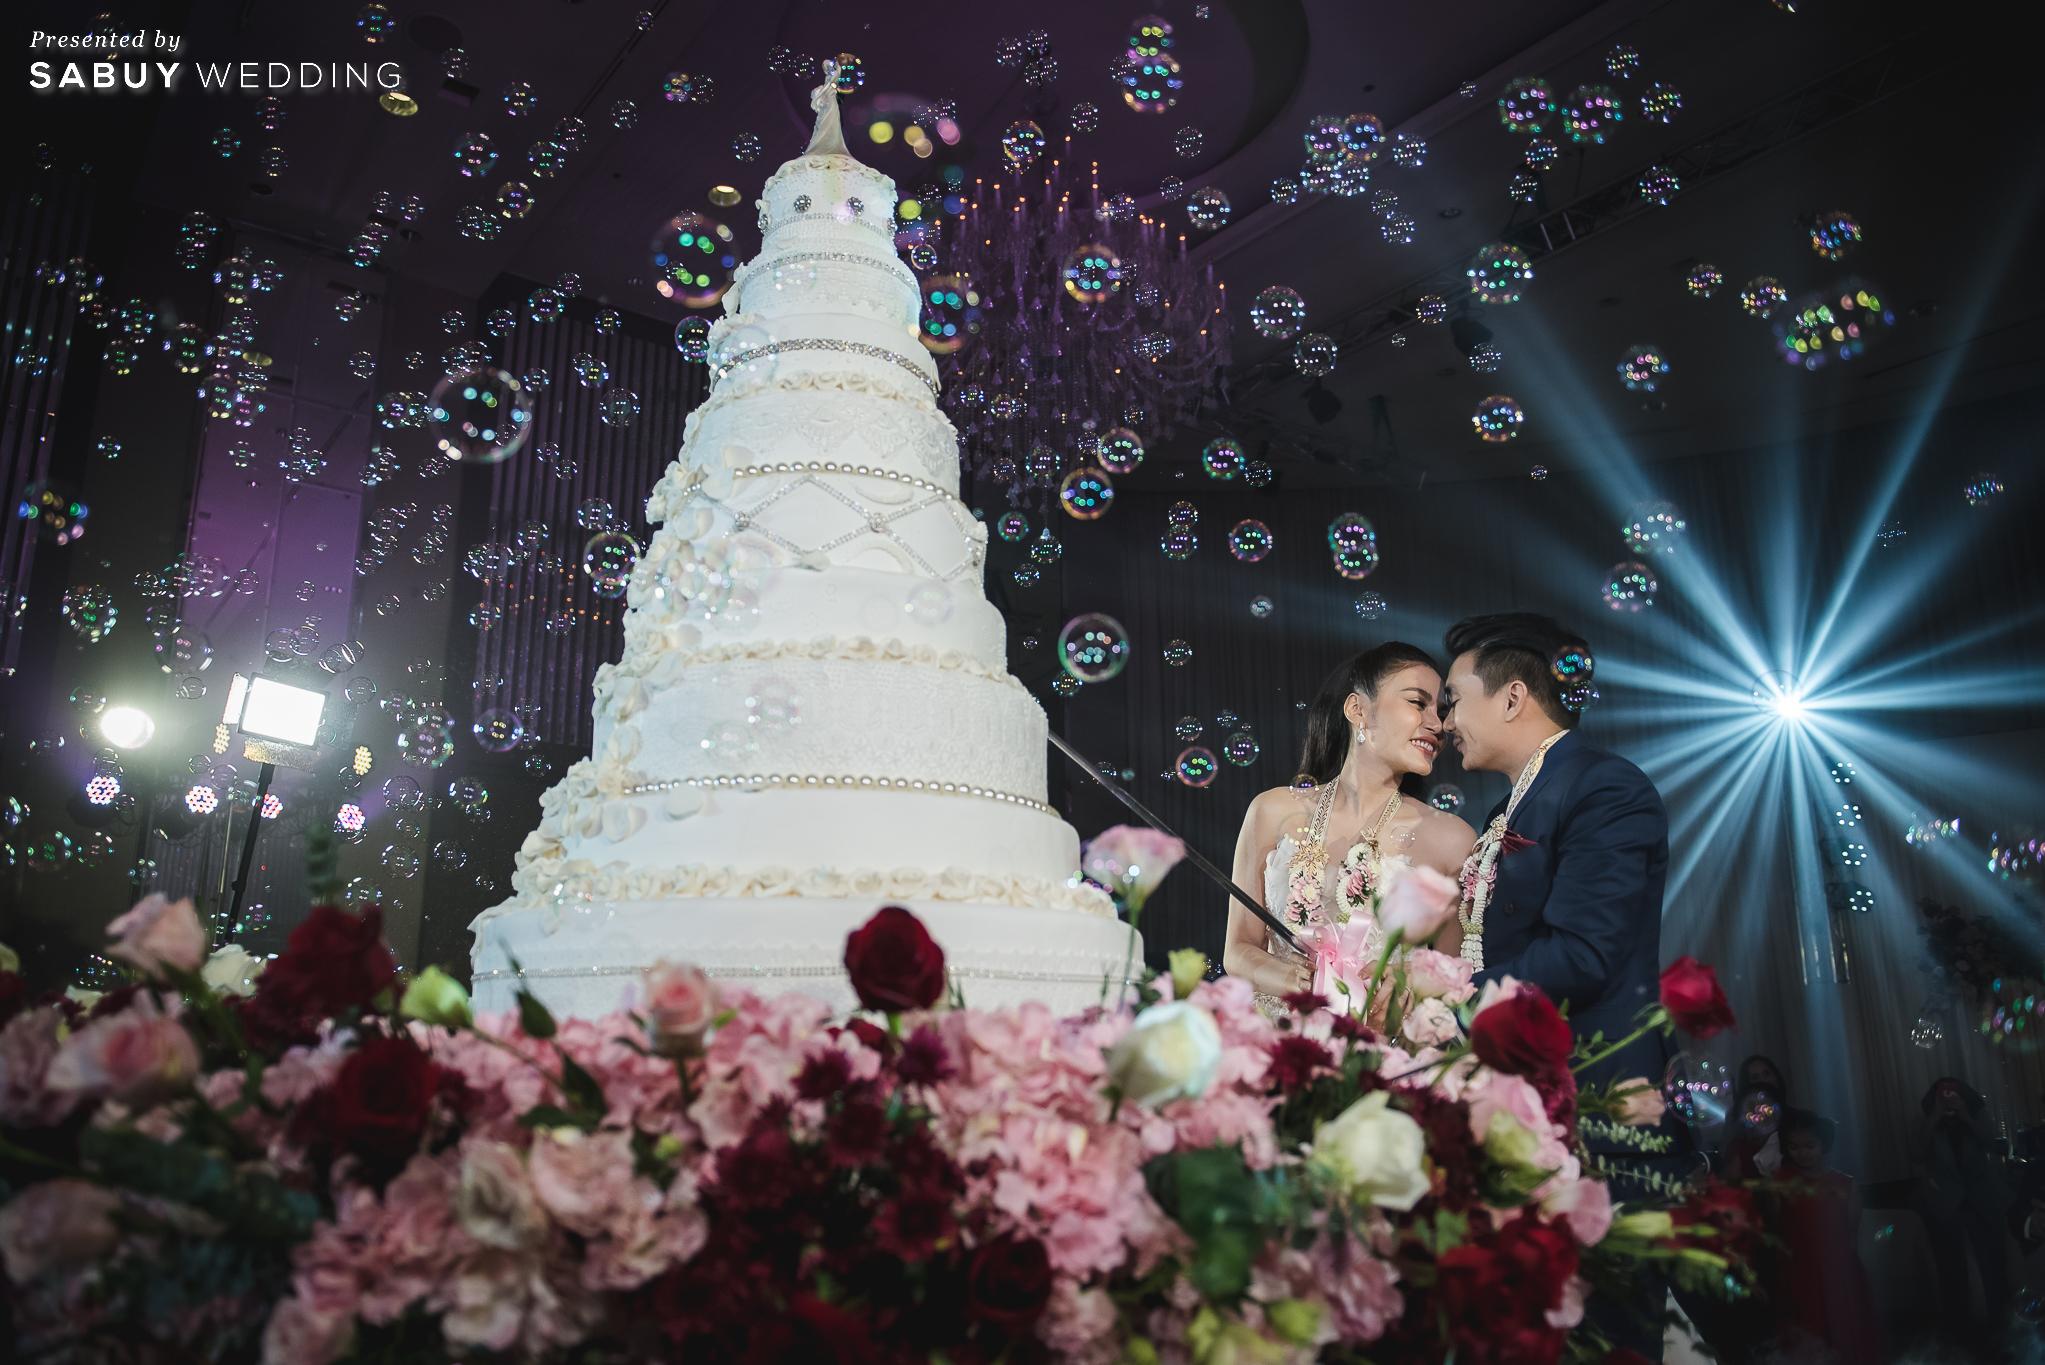 เค้กแต่งงาน, ชุดบ่าวสาว, dryicebubble รีวิวงานแต่งสุดประทับใจ เซอร์ไพรส์ After Party ด้วยเพลงยอดฮิต @ Bangkok Marriott Hotel Sukhumvit